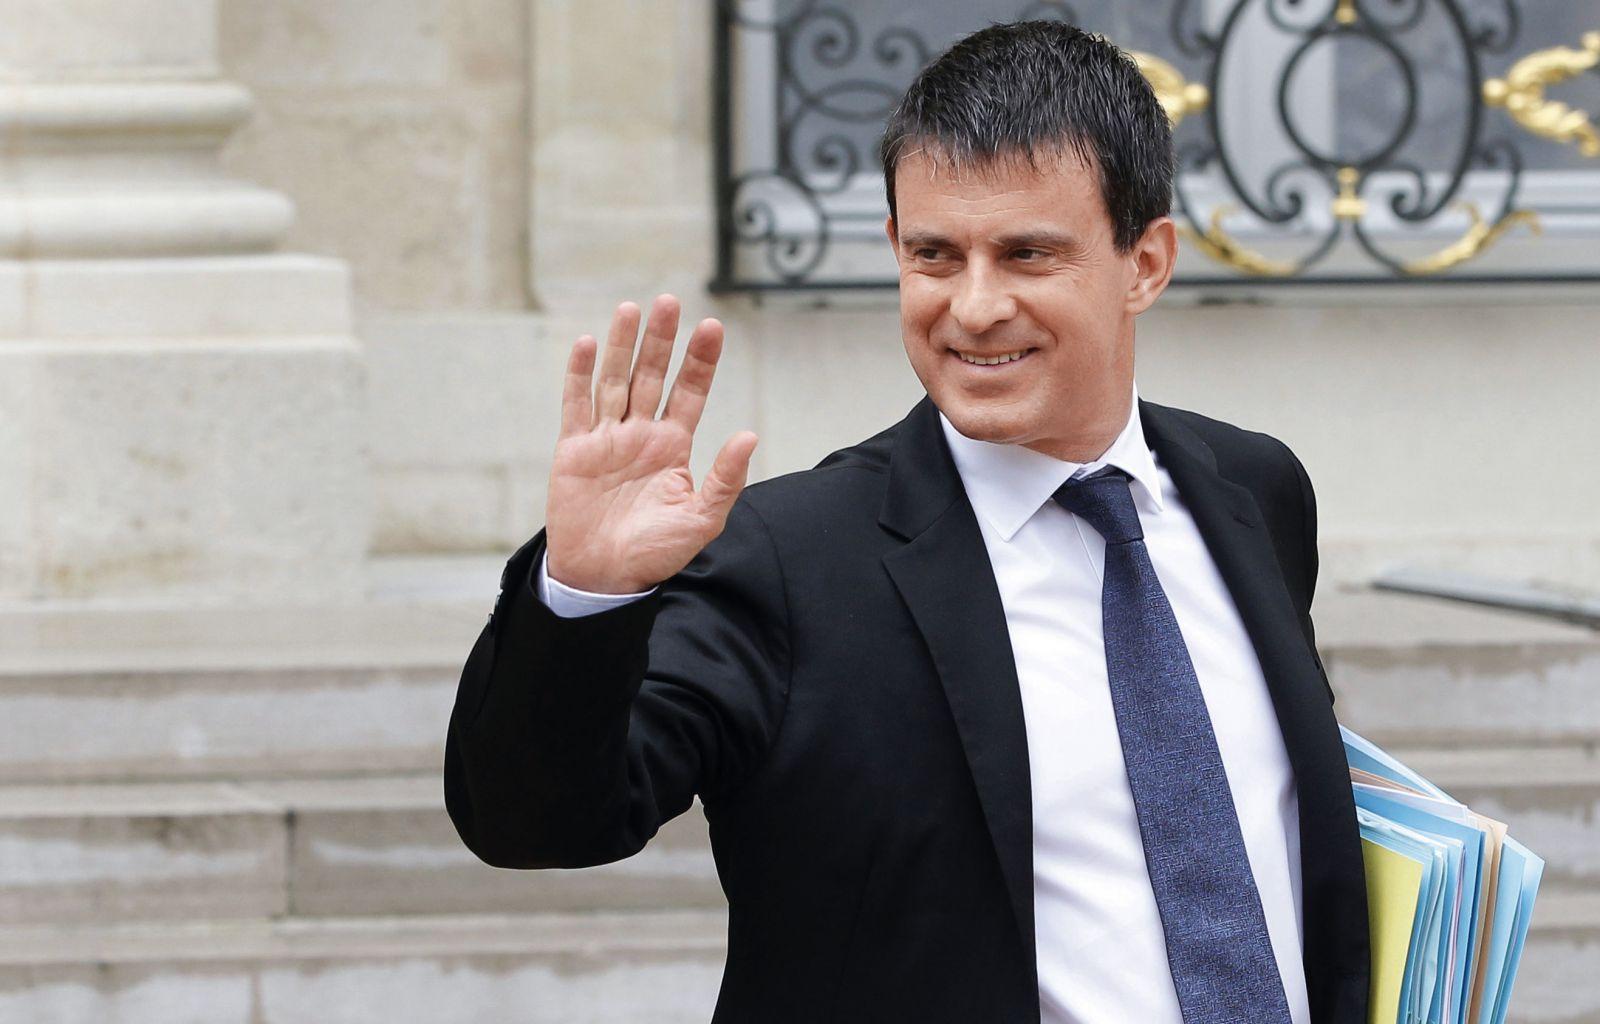 法国总理瓦尔斯宣布辞职